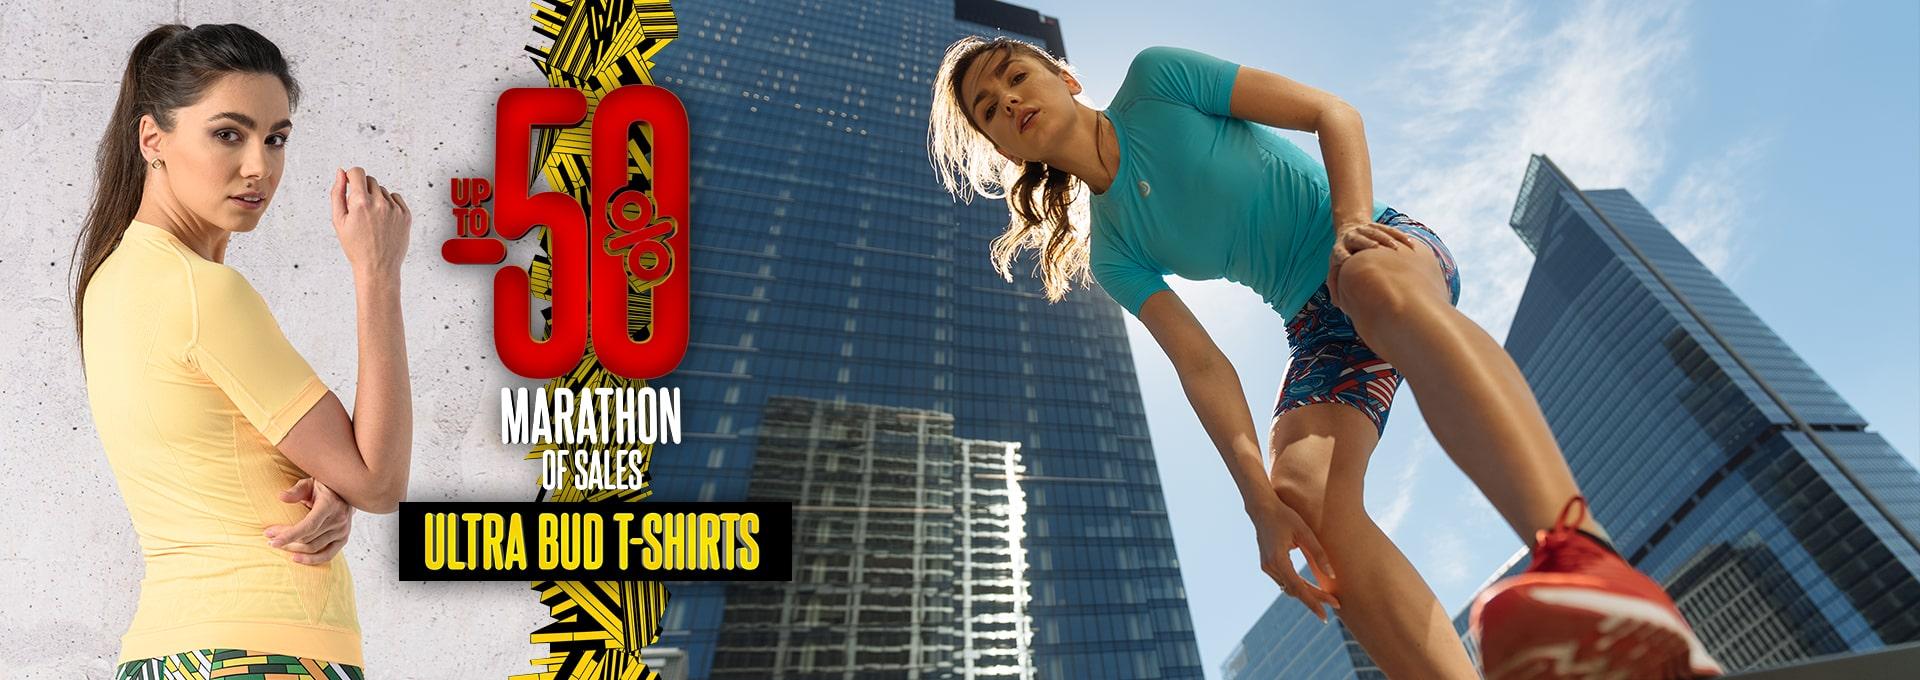 Maraton Koszulki Ultra en